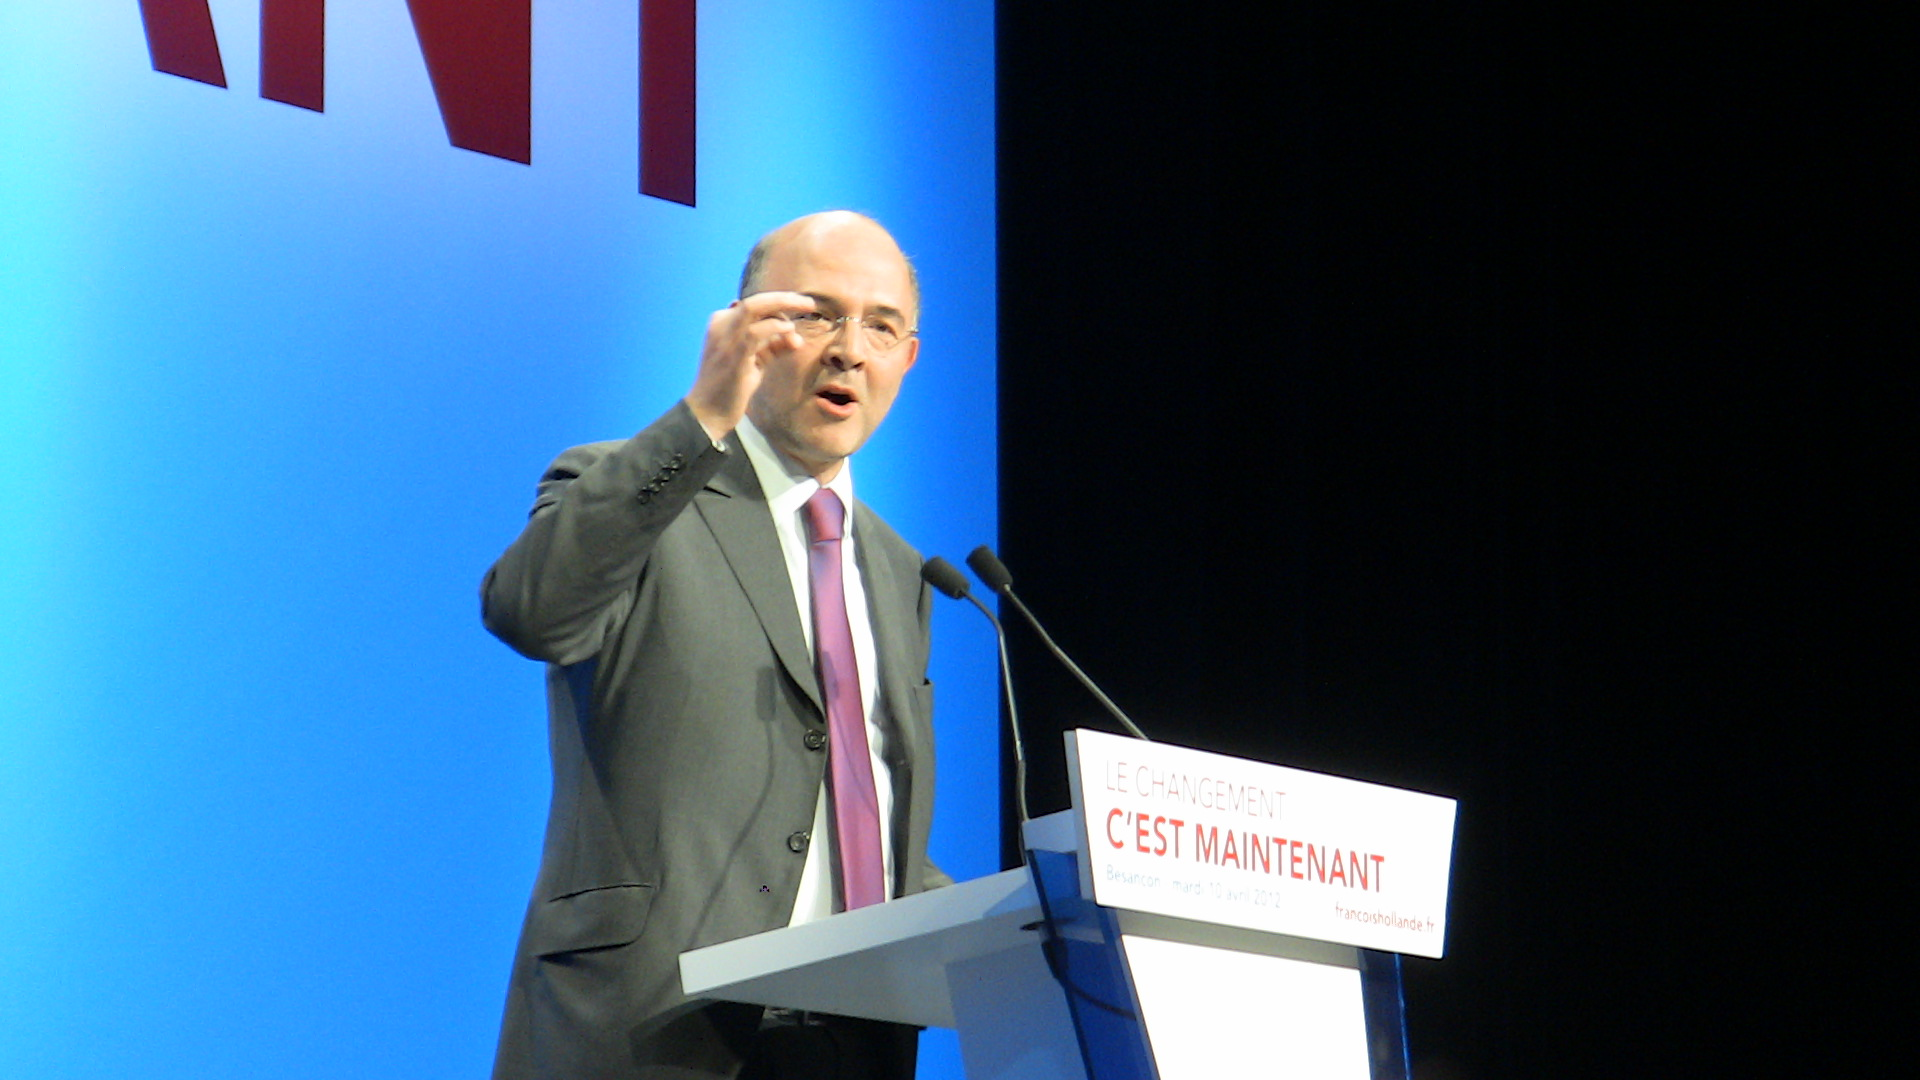 Pierre Moscovici promuove la Legge di Stabilità